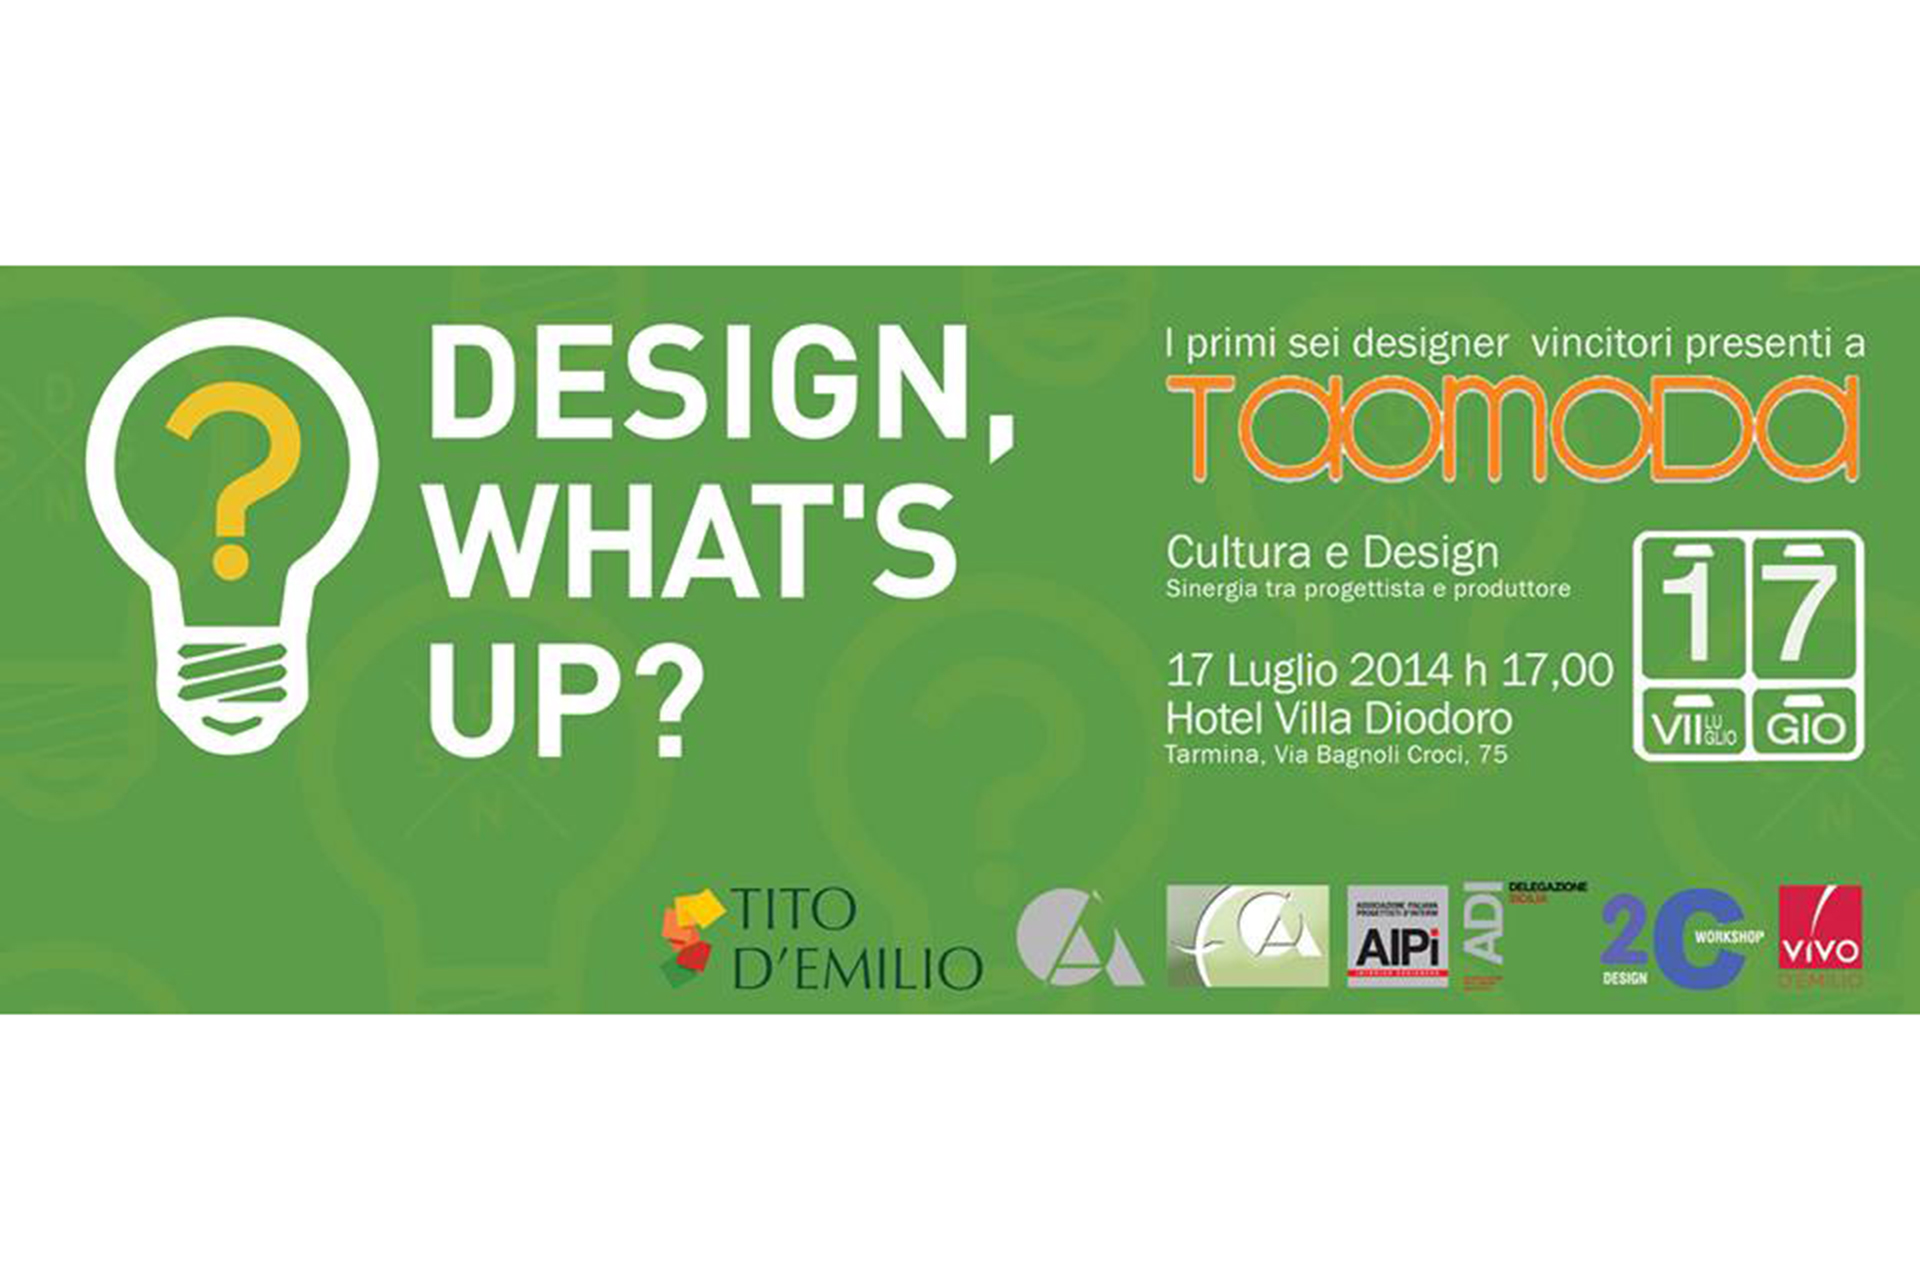 TaoModa 2014